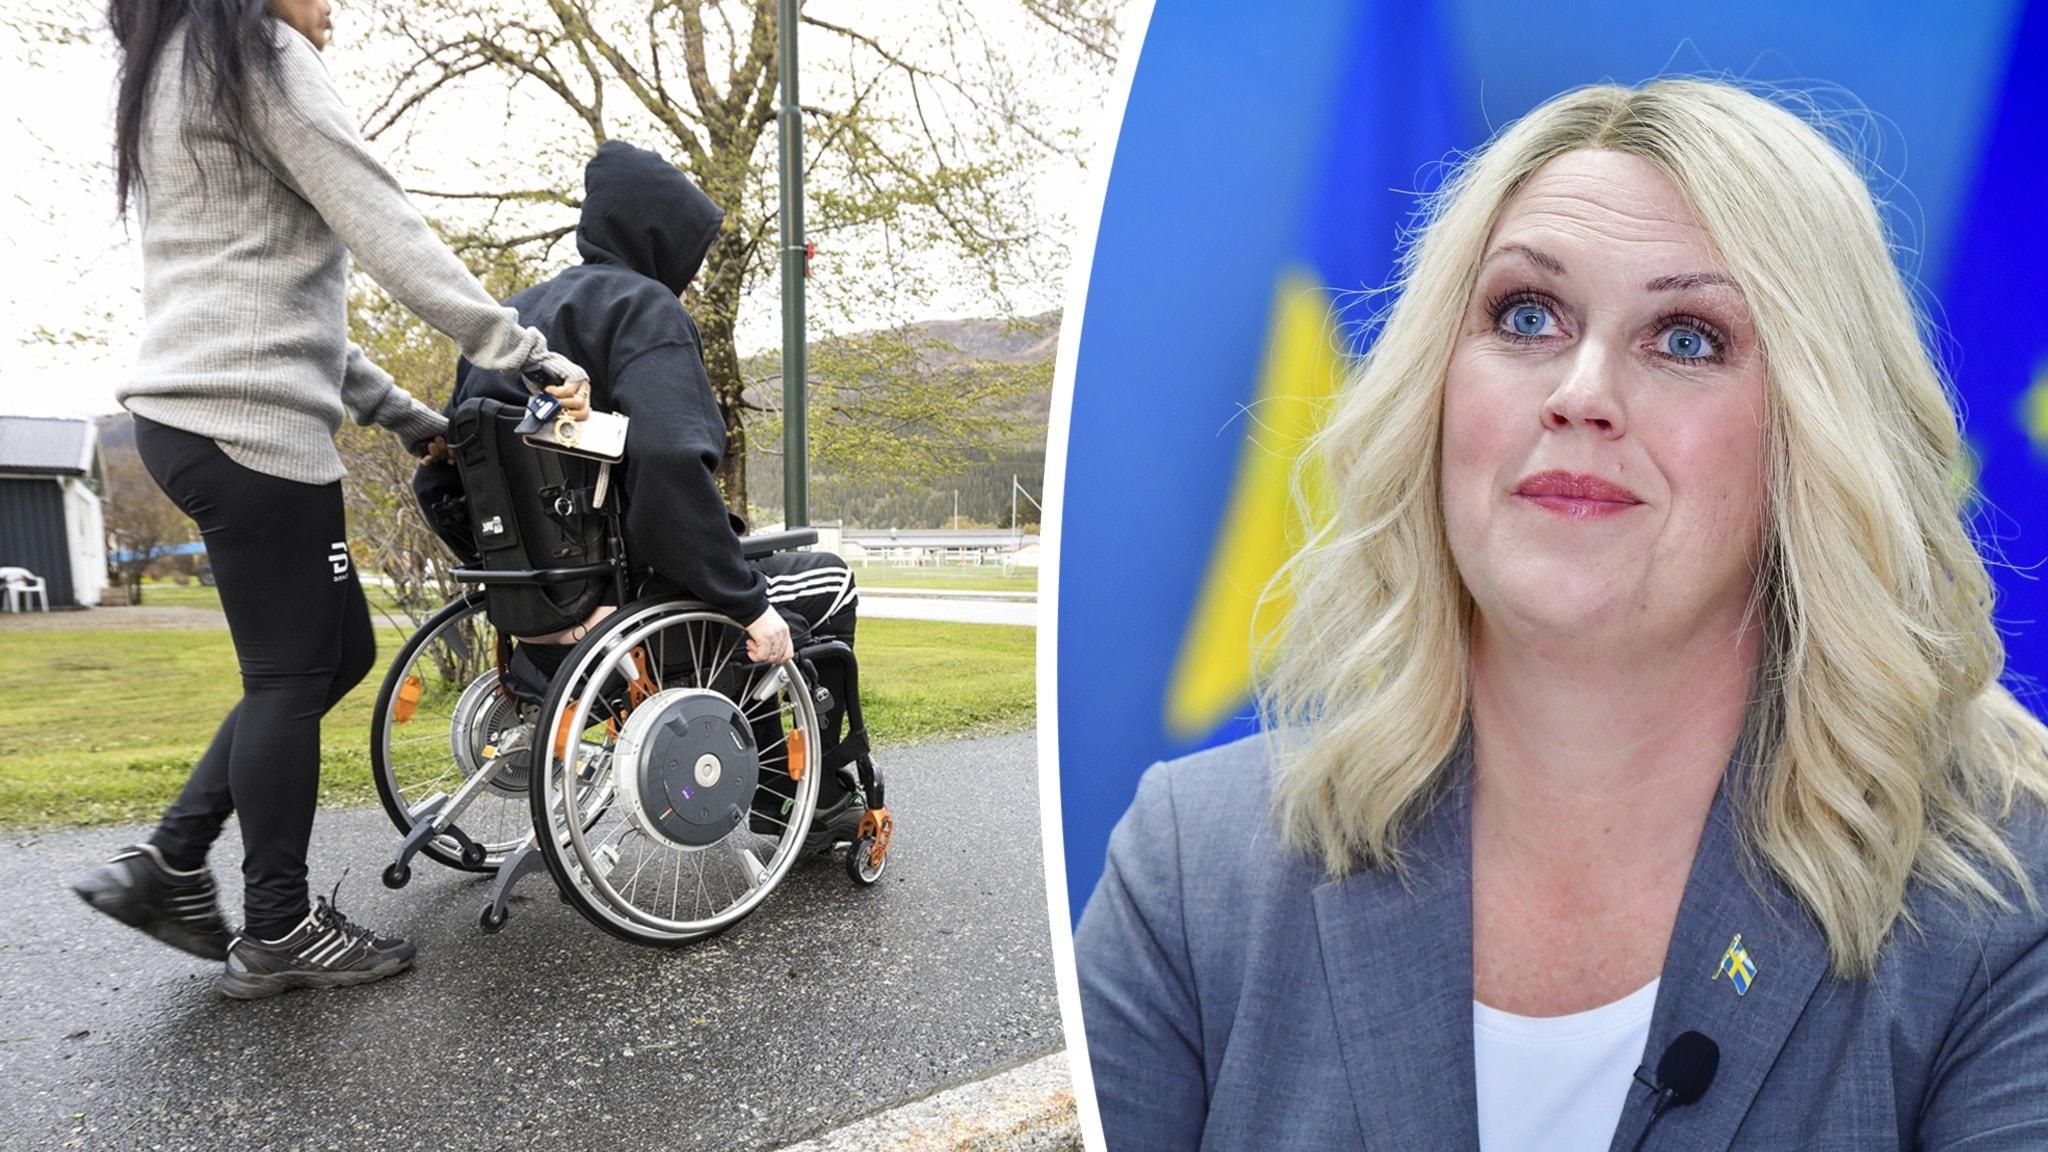 En person kör en annan person som sitter i rullstol. Du ser också bild på en kvinna som är glad.